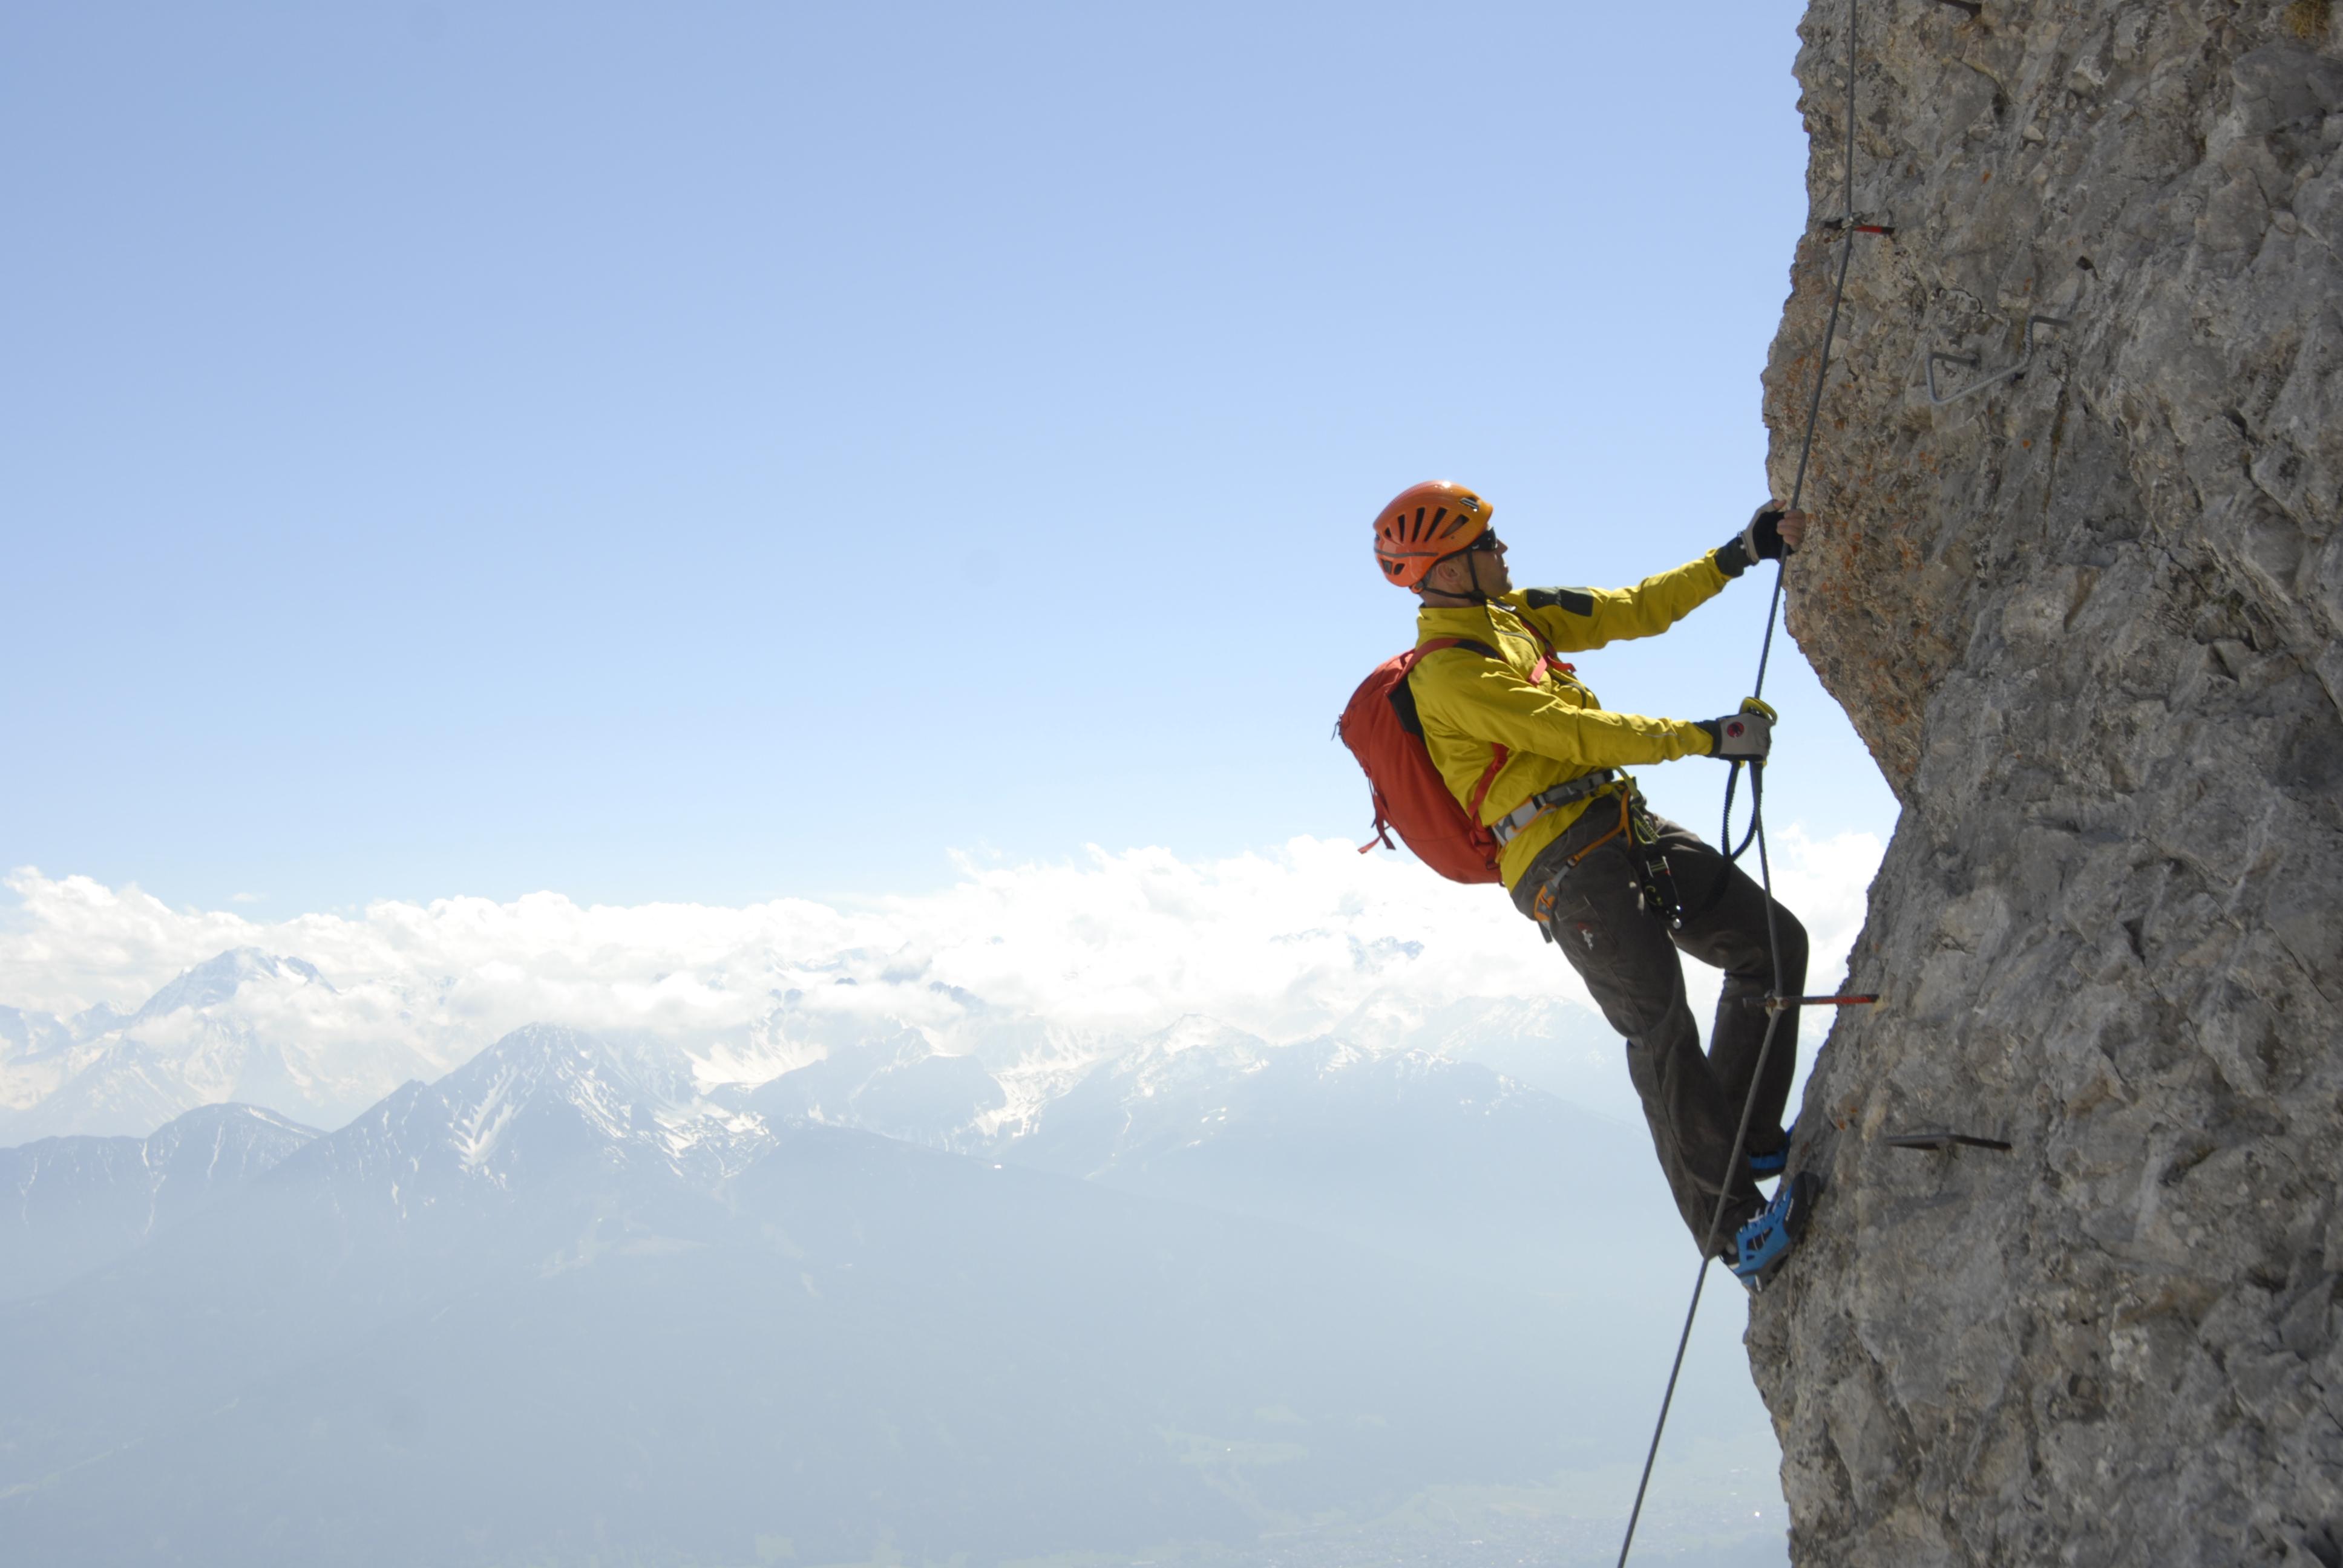 Klettergurte Für Klettersteig : Klettersteige 10 empfehlungen alpenverein